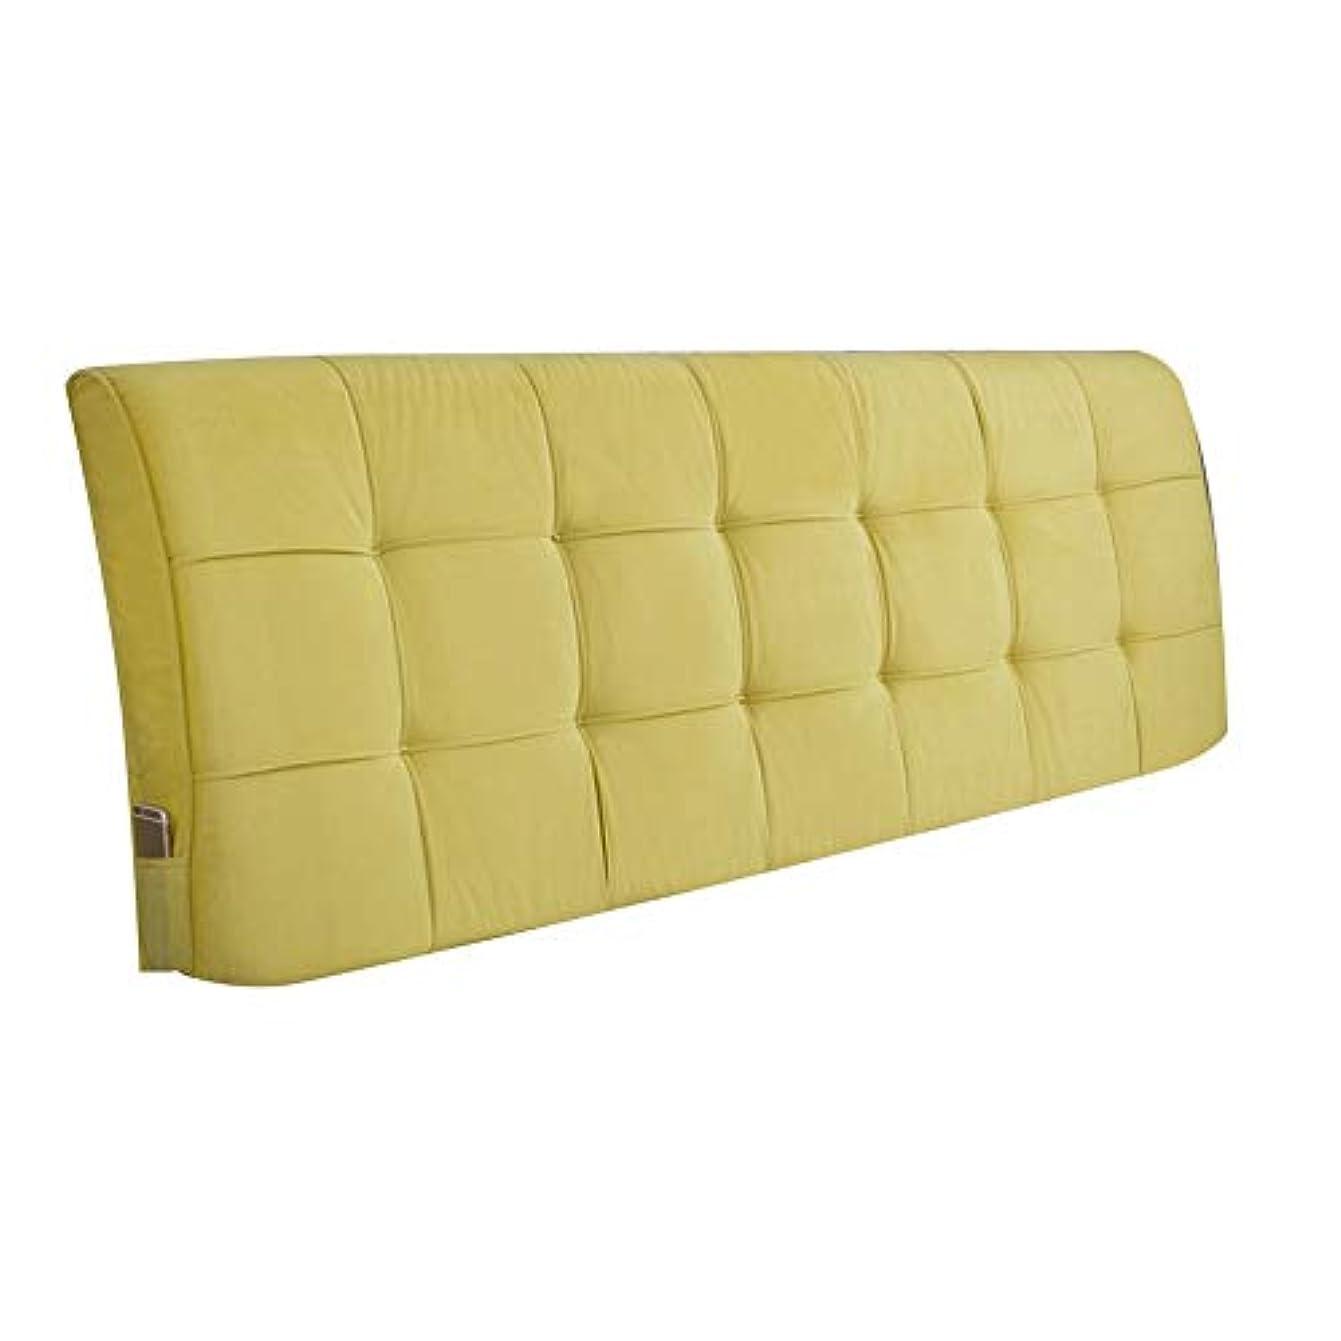 フリル月曜ジョージバーナードLIANGLIANG クションベッドの背もたれ ホーム デコレーション ソファー?ベッド バック サポート 耐摩耗性 通気性 洗える、 4色 (Color : Purple, Size : 160cm)